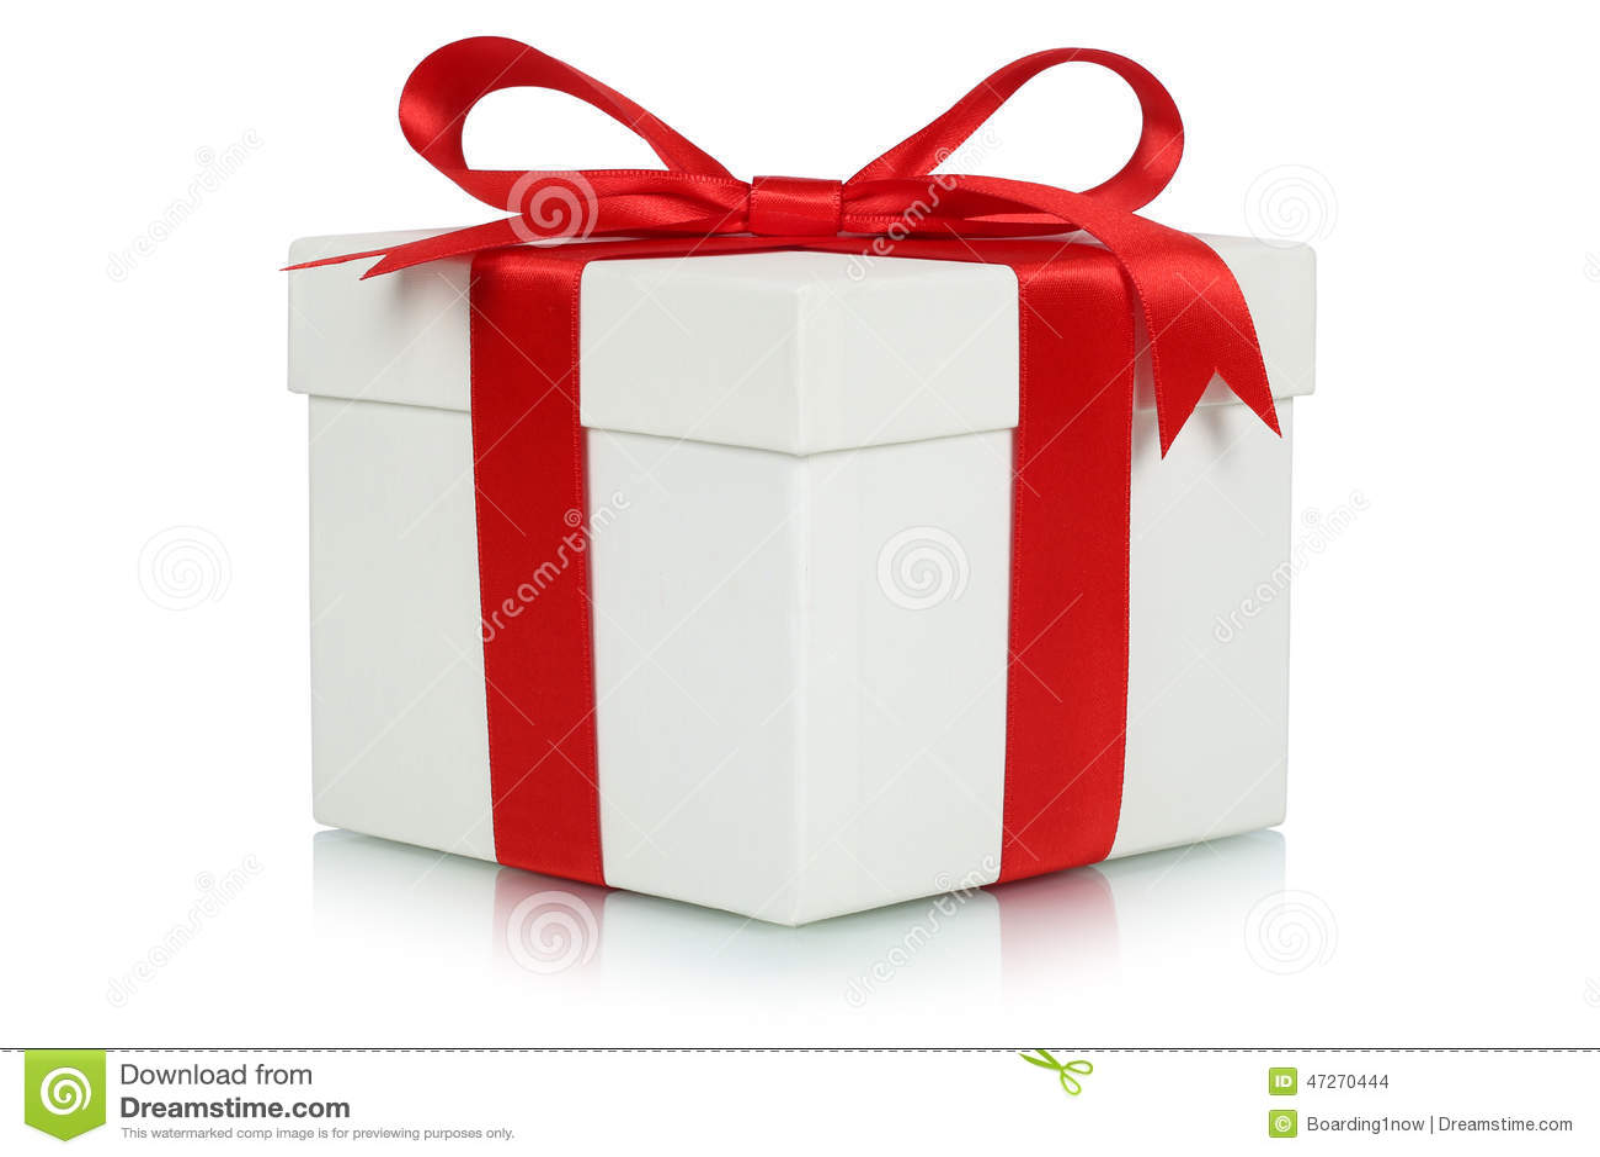 Geschenkbox Weihnachten.Geschenkbox Mit Bogen Für Geschenke Auf Weihnachten Geburtstag Oder